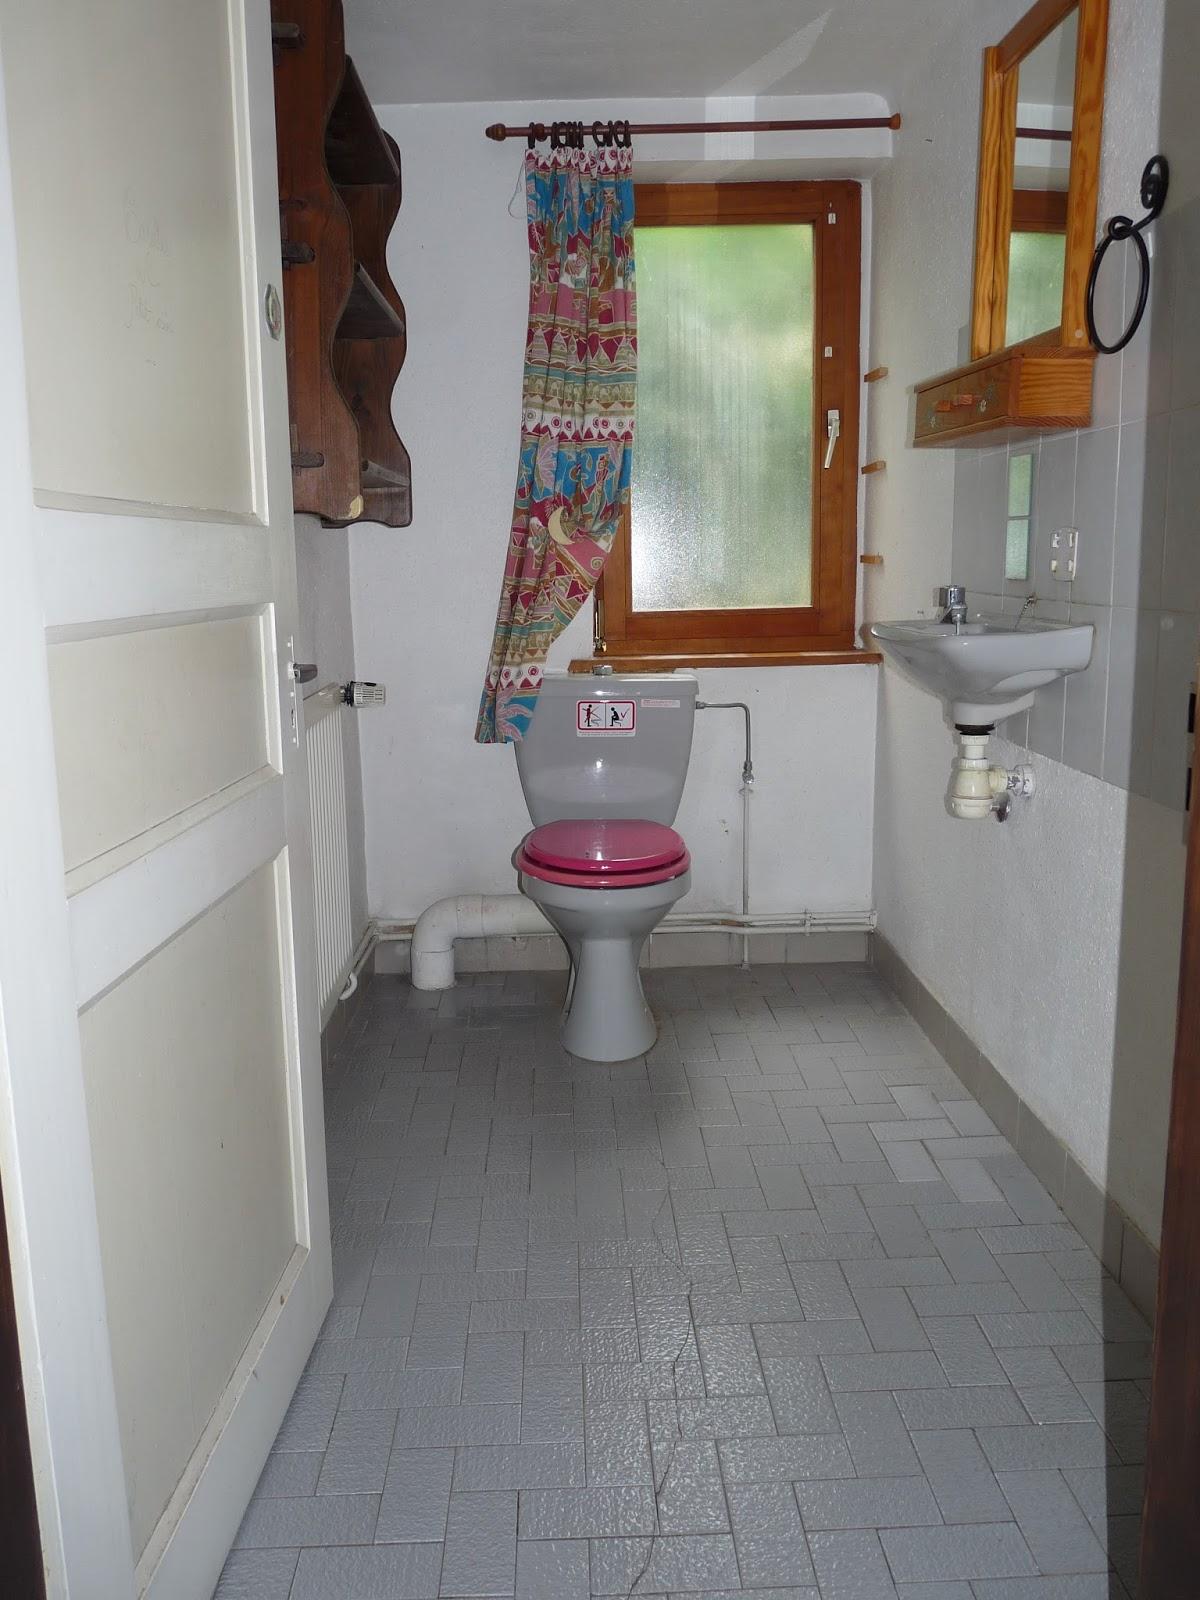 Le petit monde de bidule toilettes relook es for Repeindre les toilettes